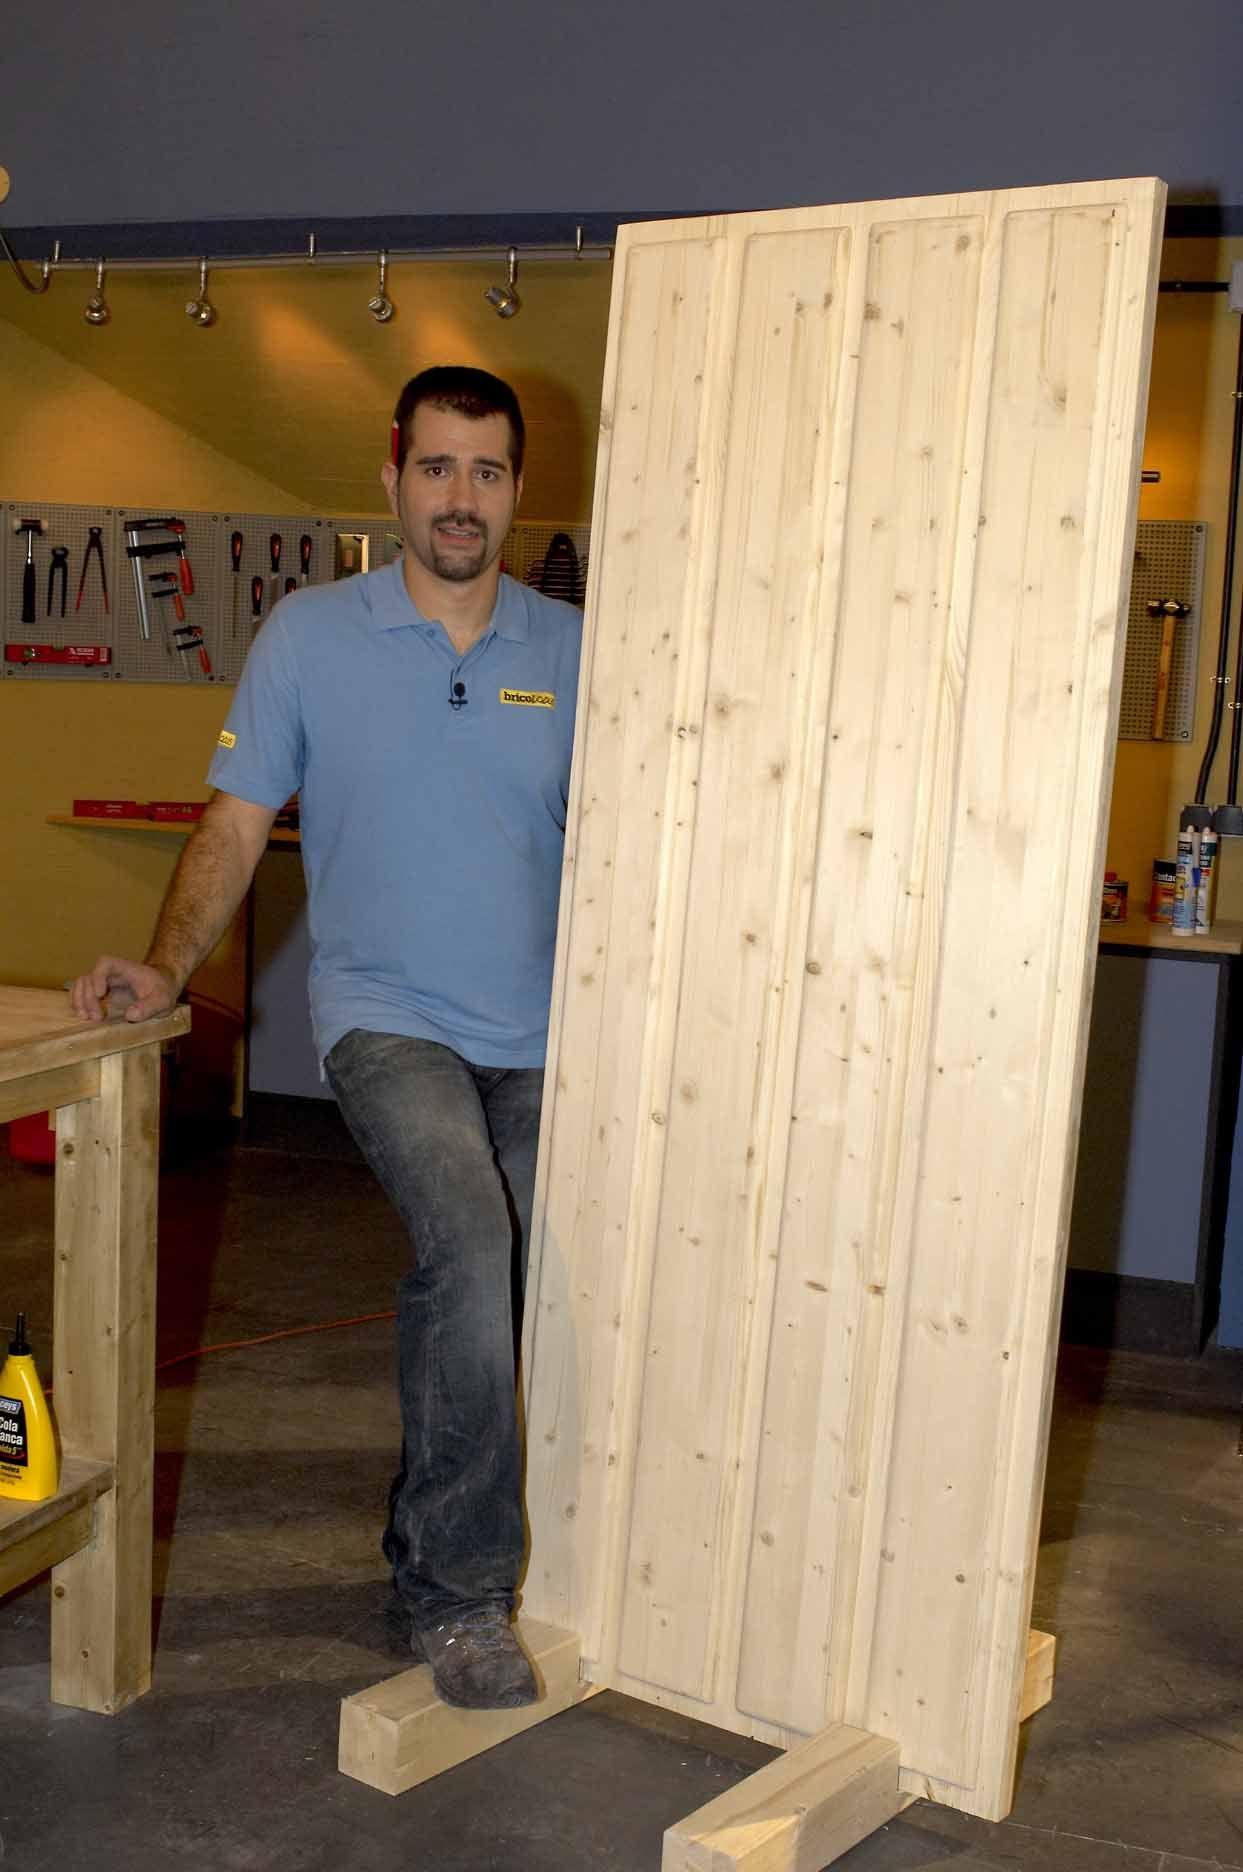 C mo hacer una puerta r stica de madera let 39 s do it - Puertas rusticas de madera ...